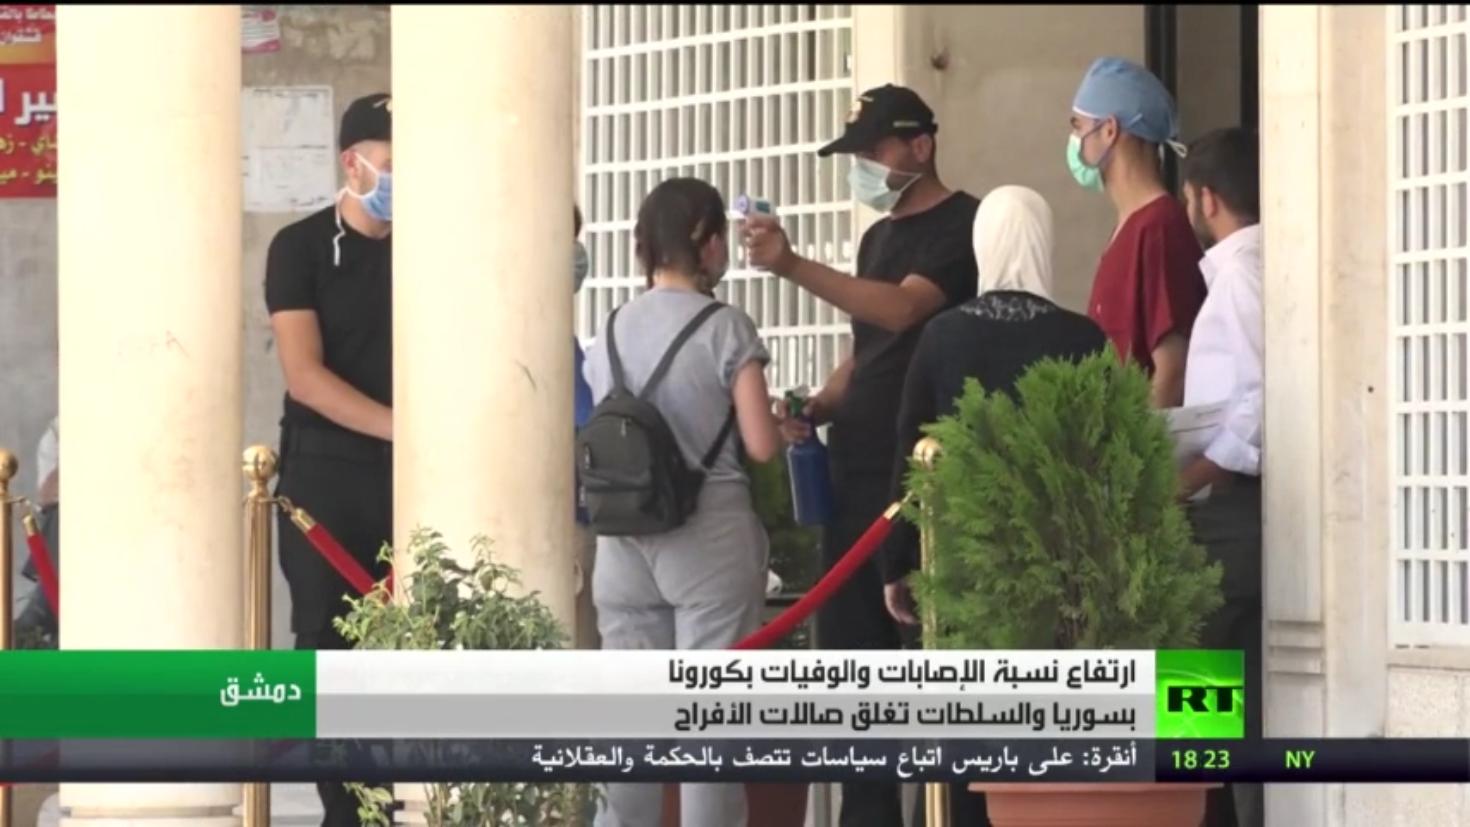 ارتفاع أعداد ضحايا كورونا في سوريا